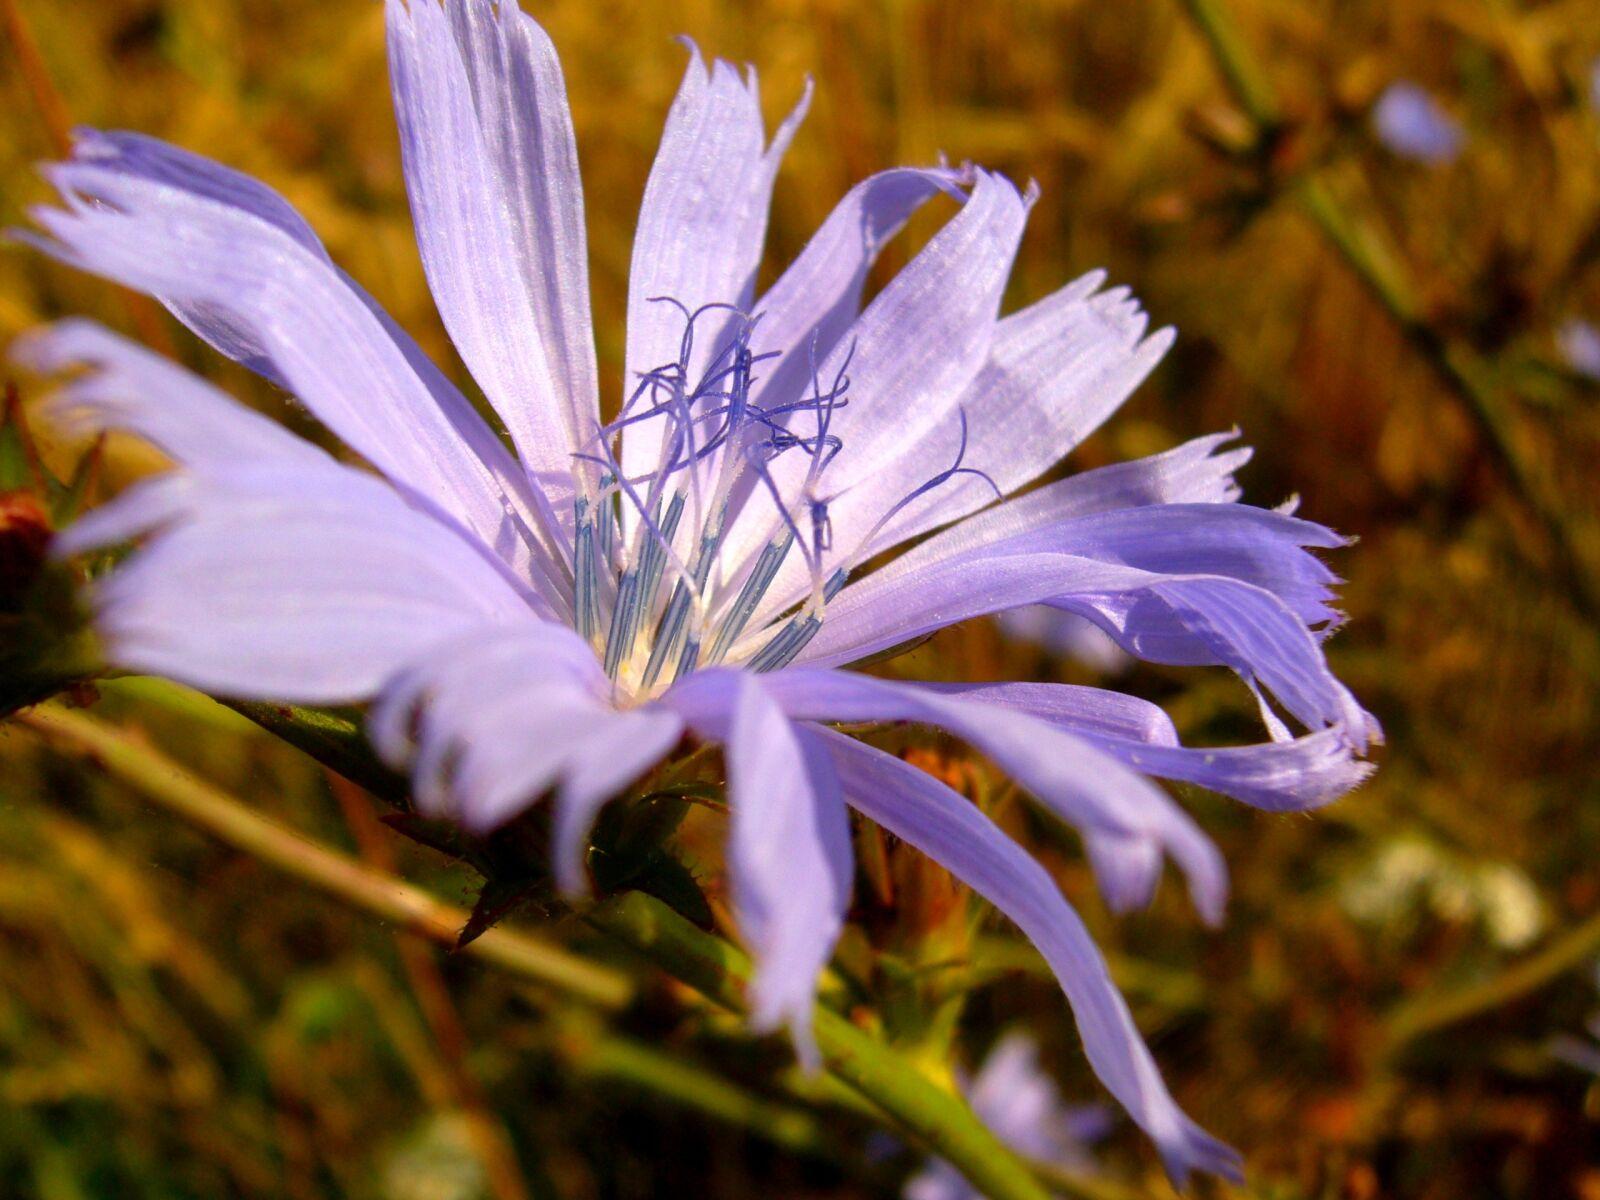 wildflower, flower, nature